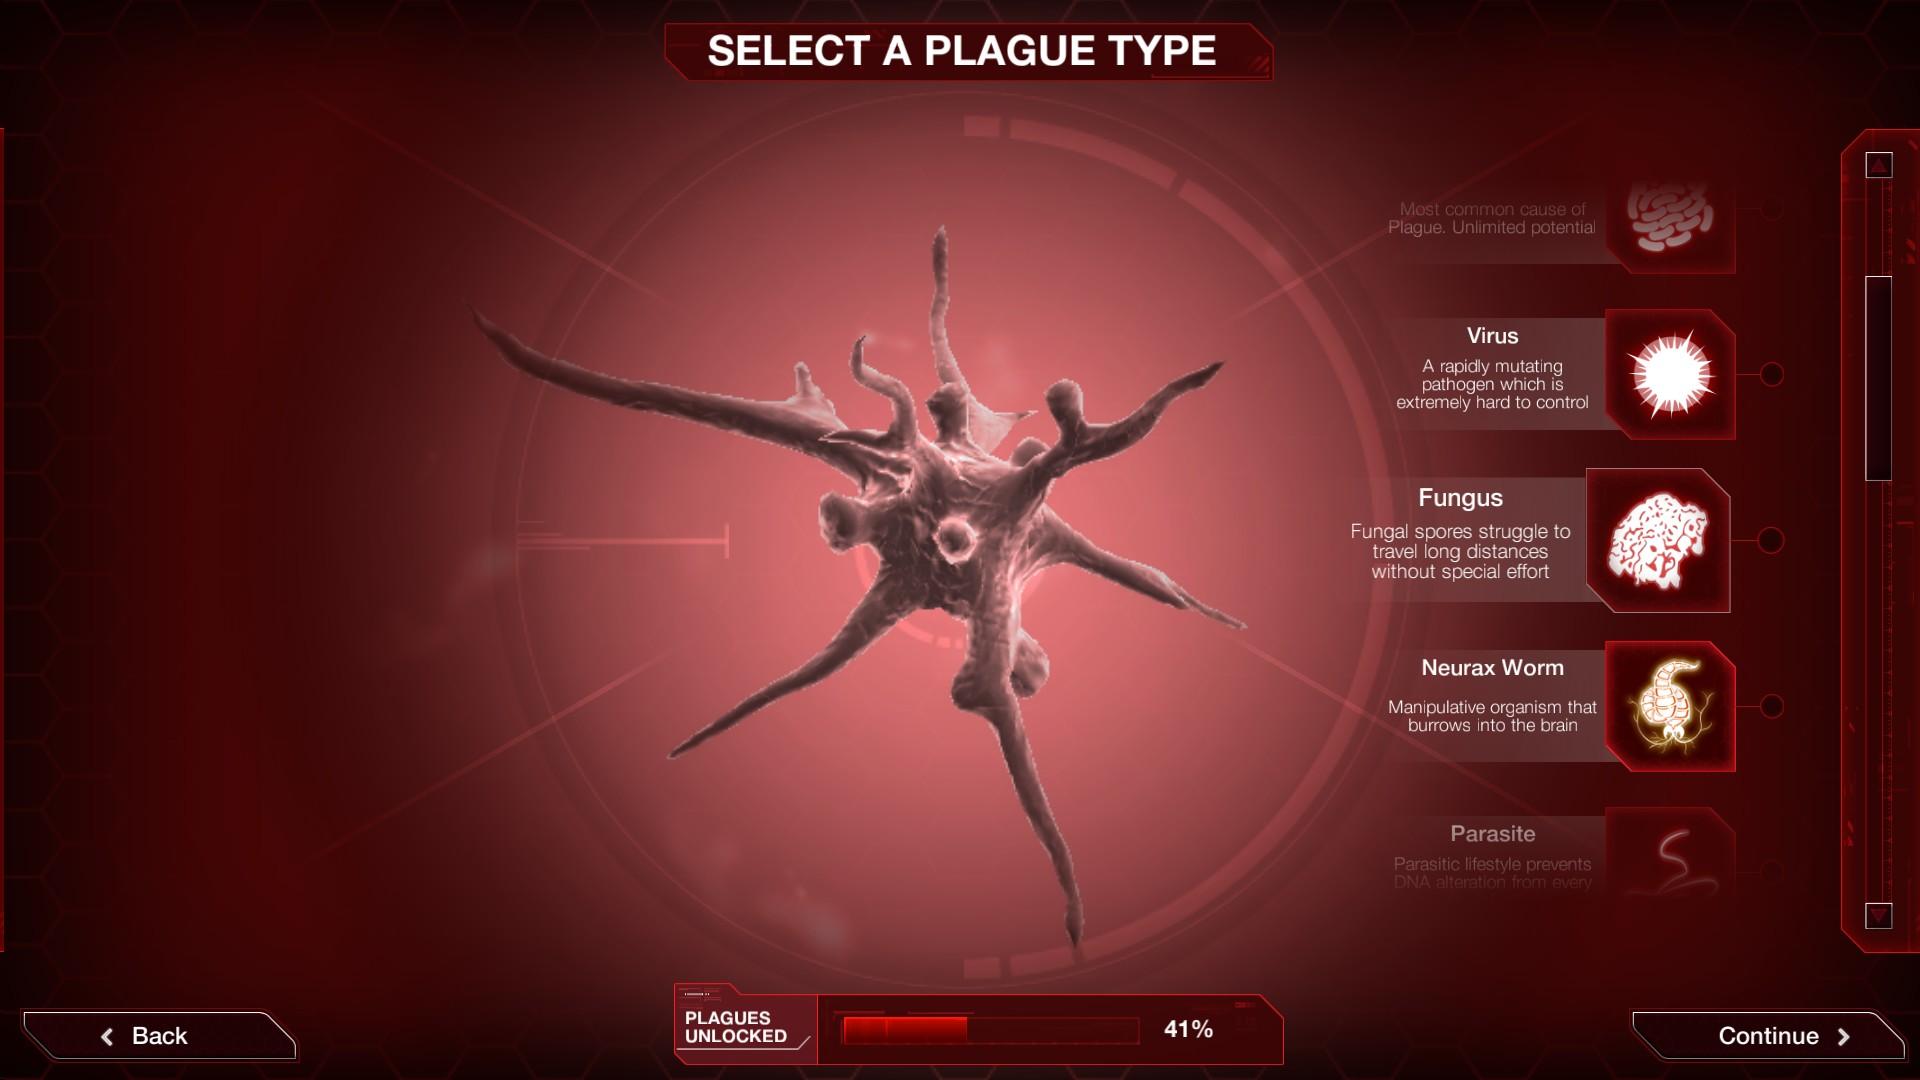 Скачать plague inc на компьютер хакнутую